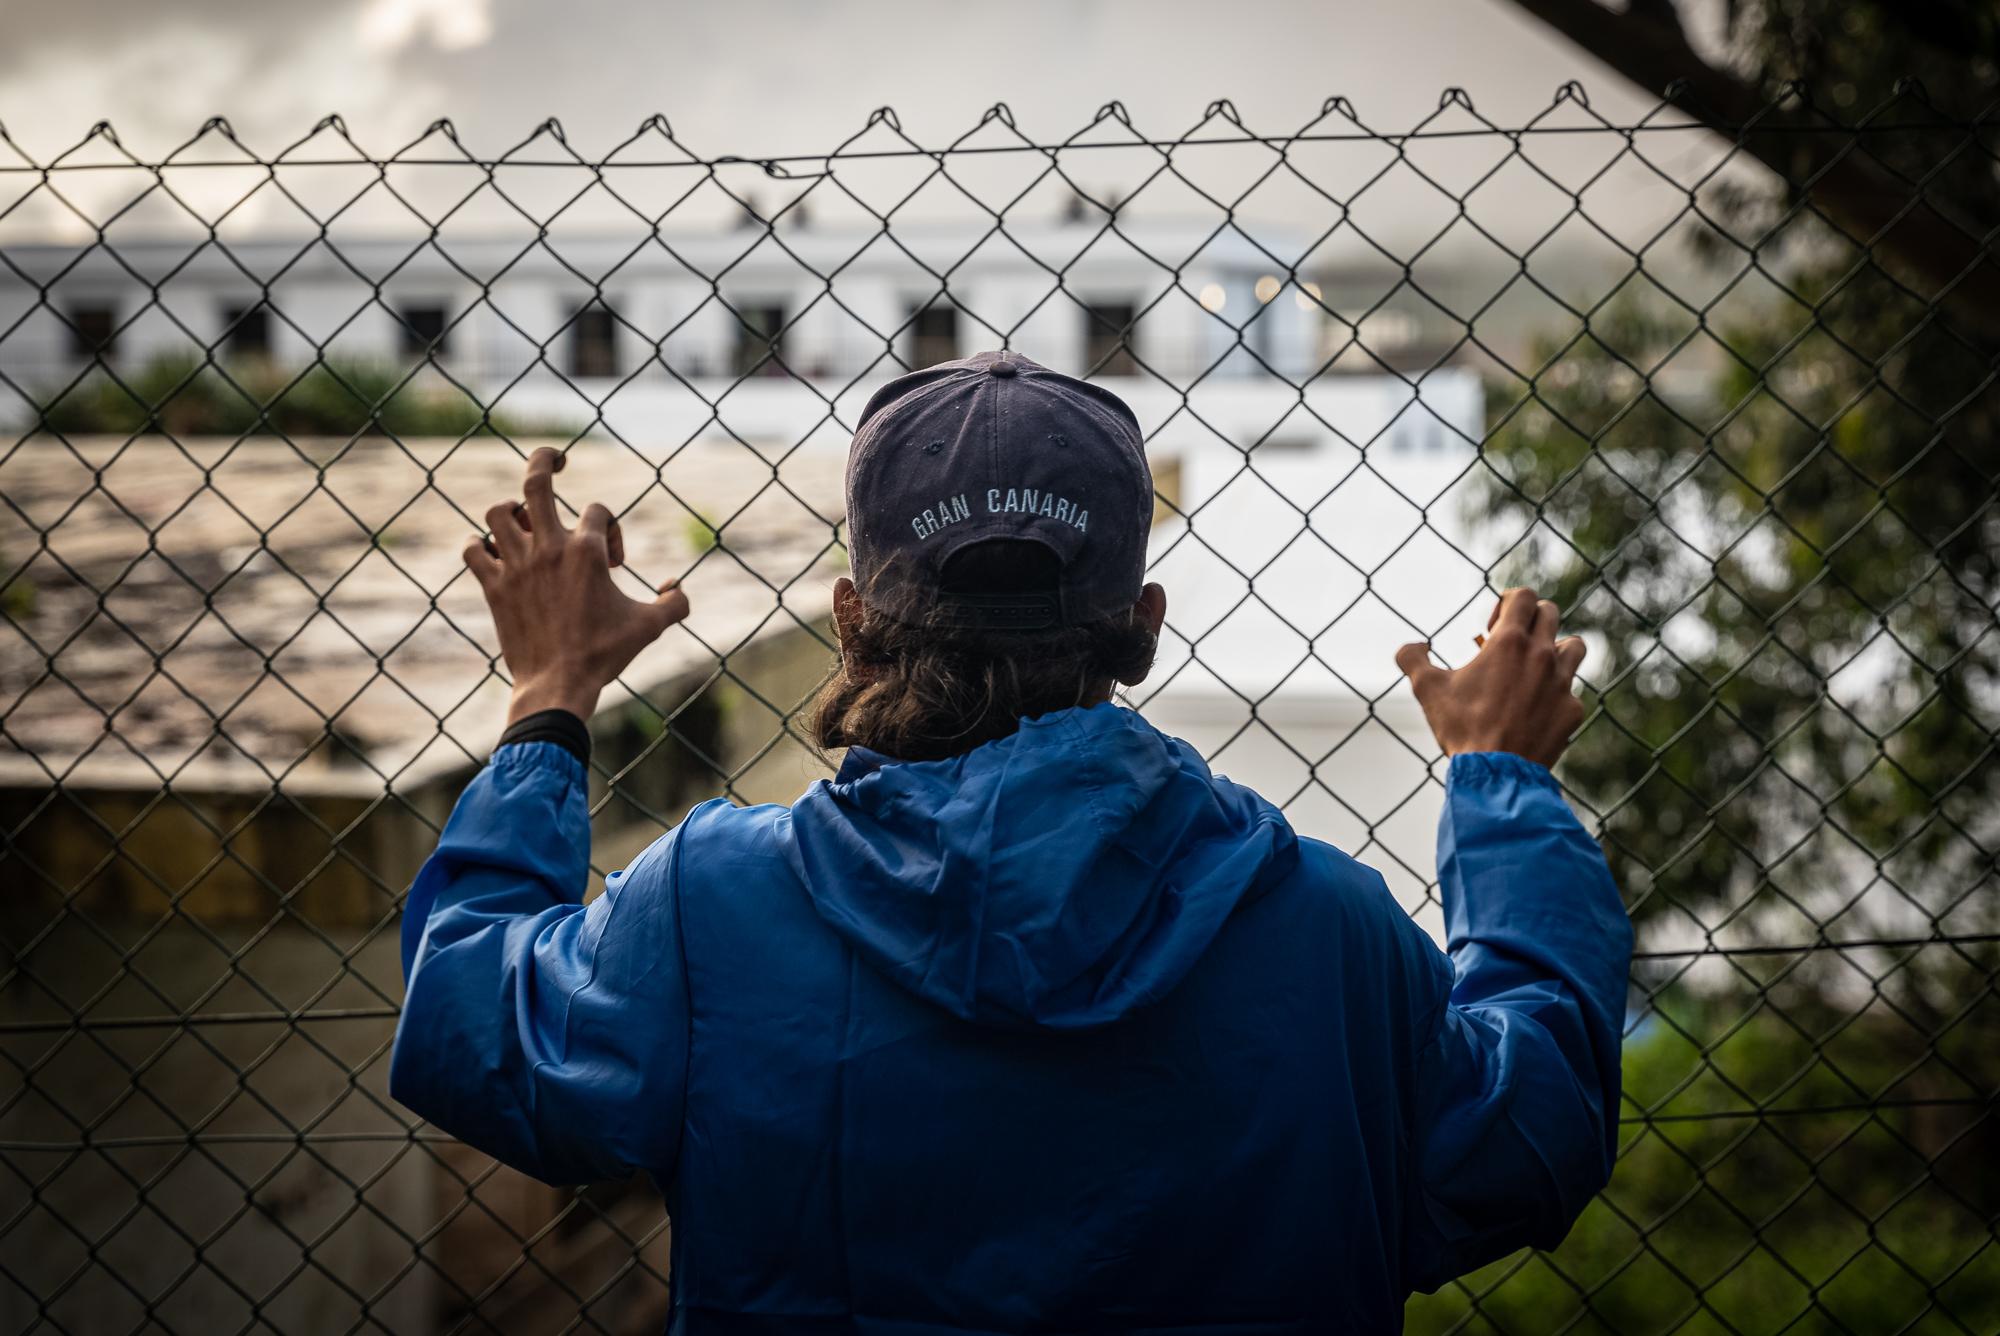 """Inmigrante en la verja del campamento """"Las Raíces"""" en Tenerife. Foto: Ignacio Marín."""